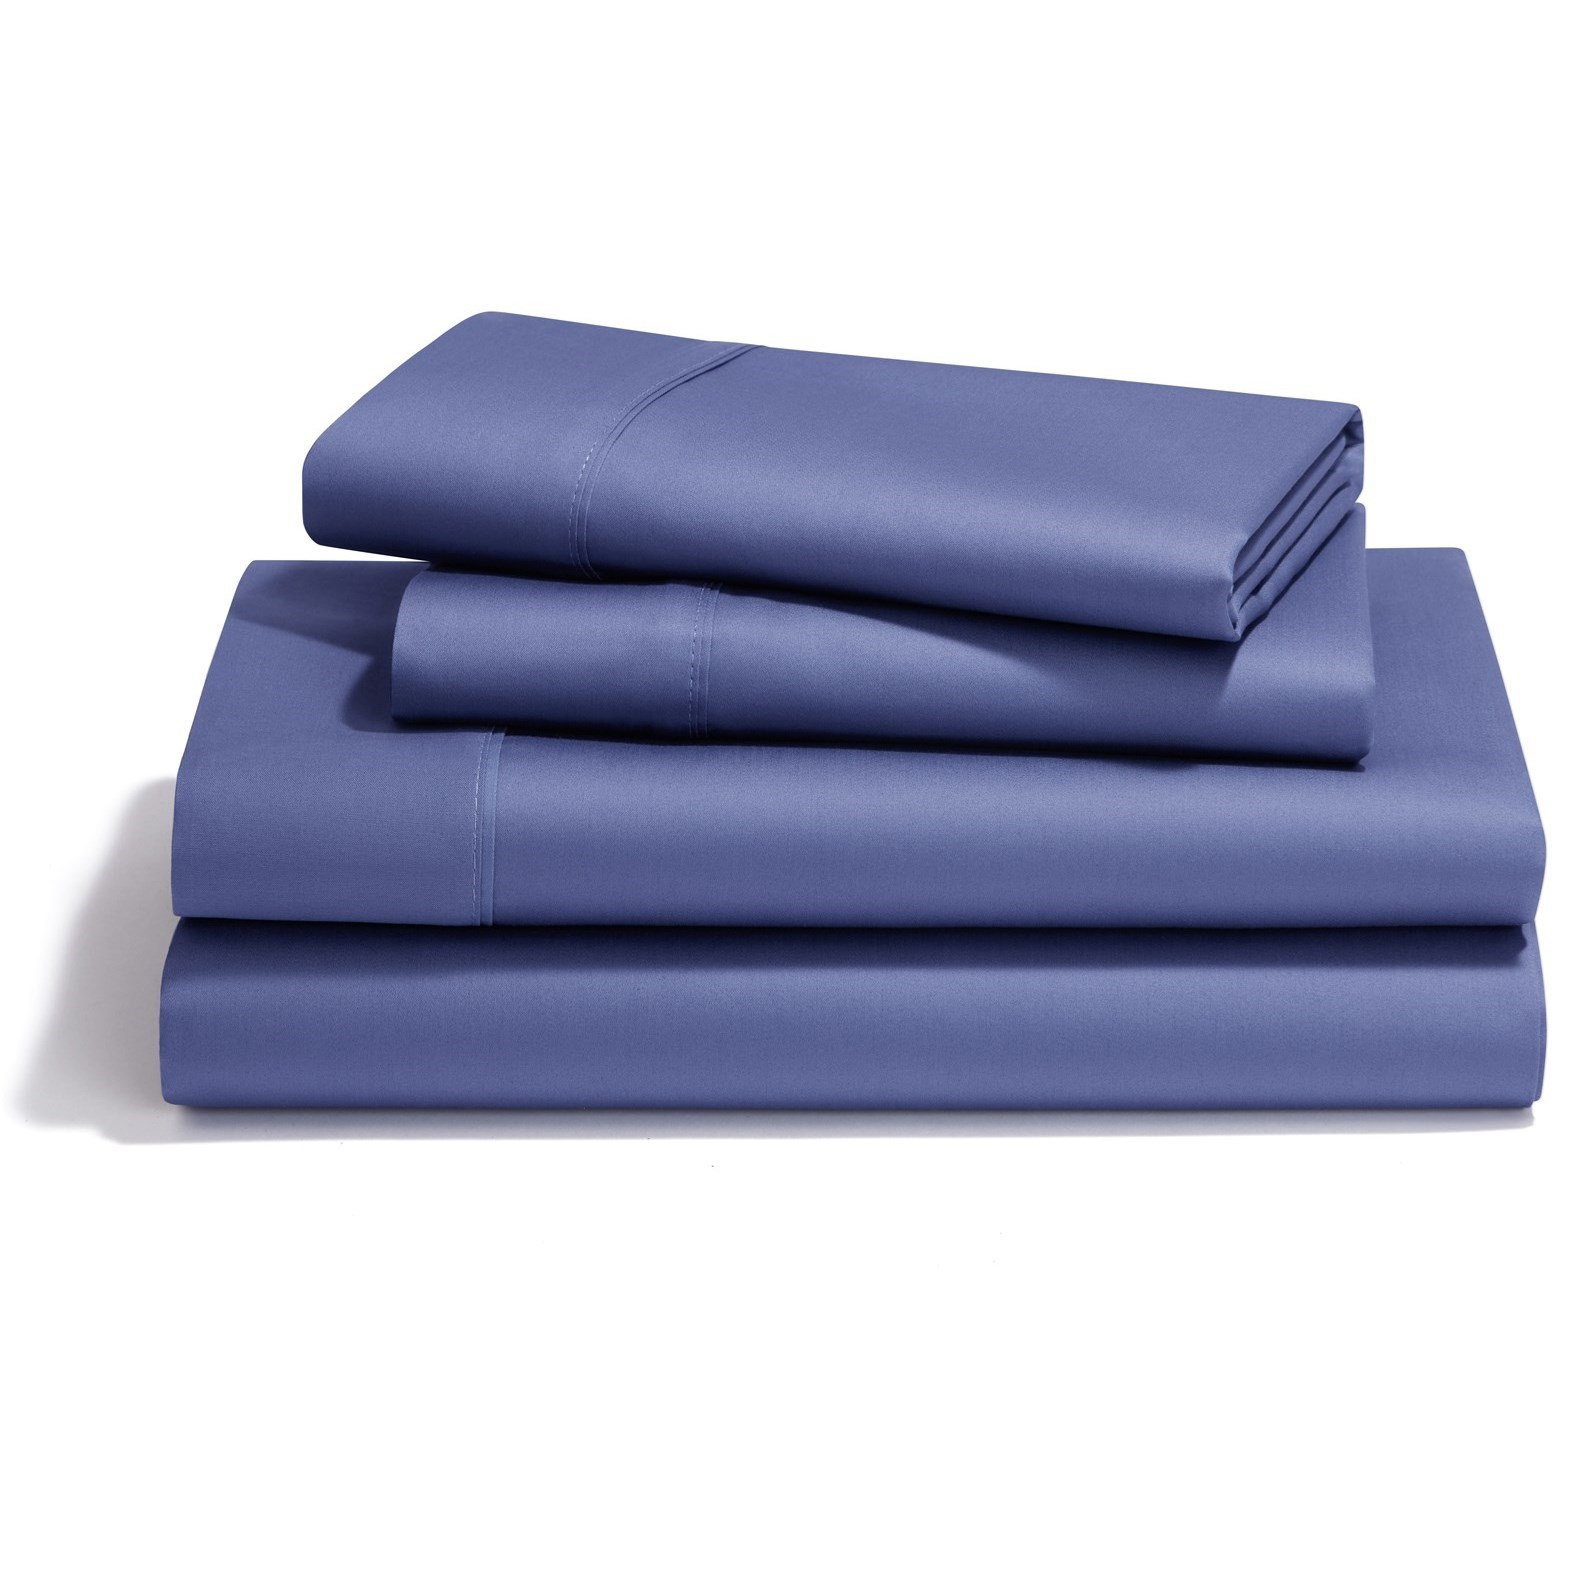 Twin XL Denim Pima Cotton Sheet Set